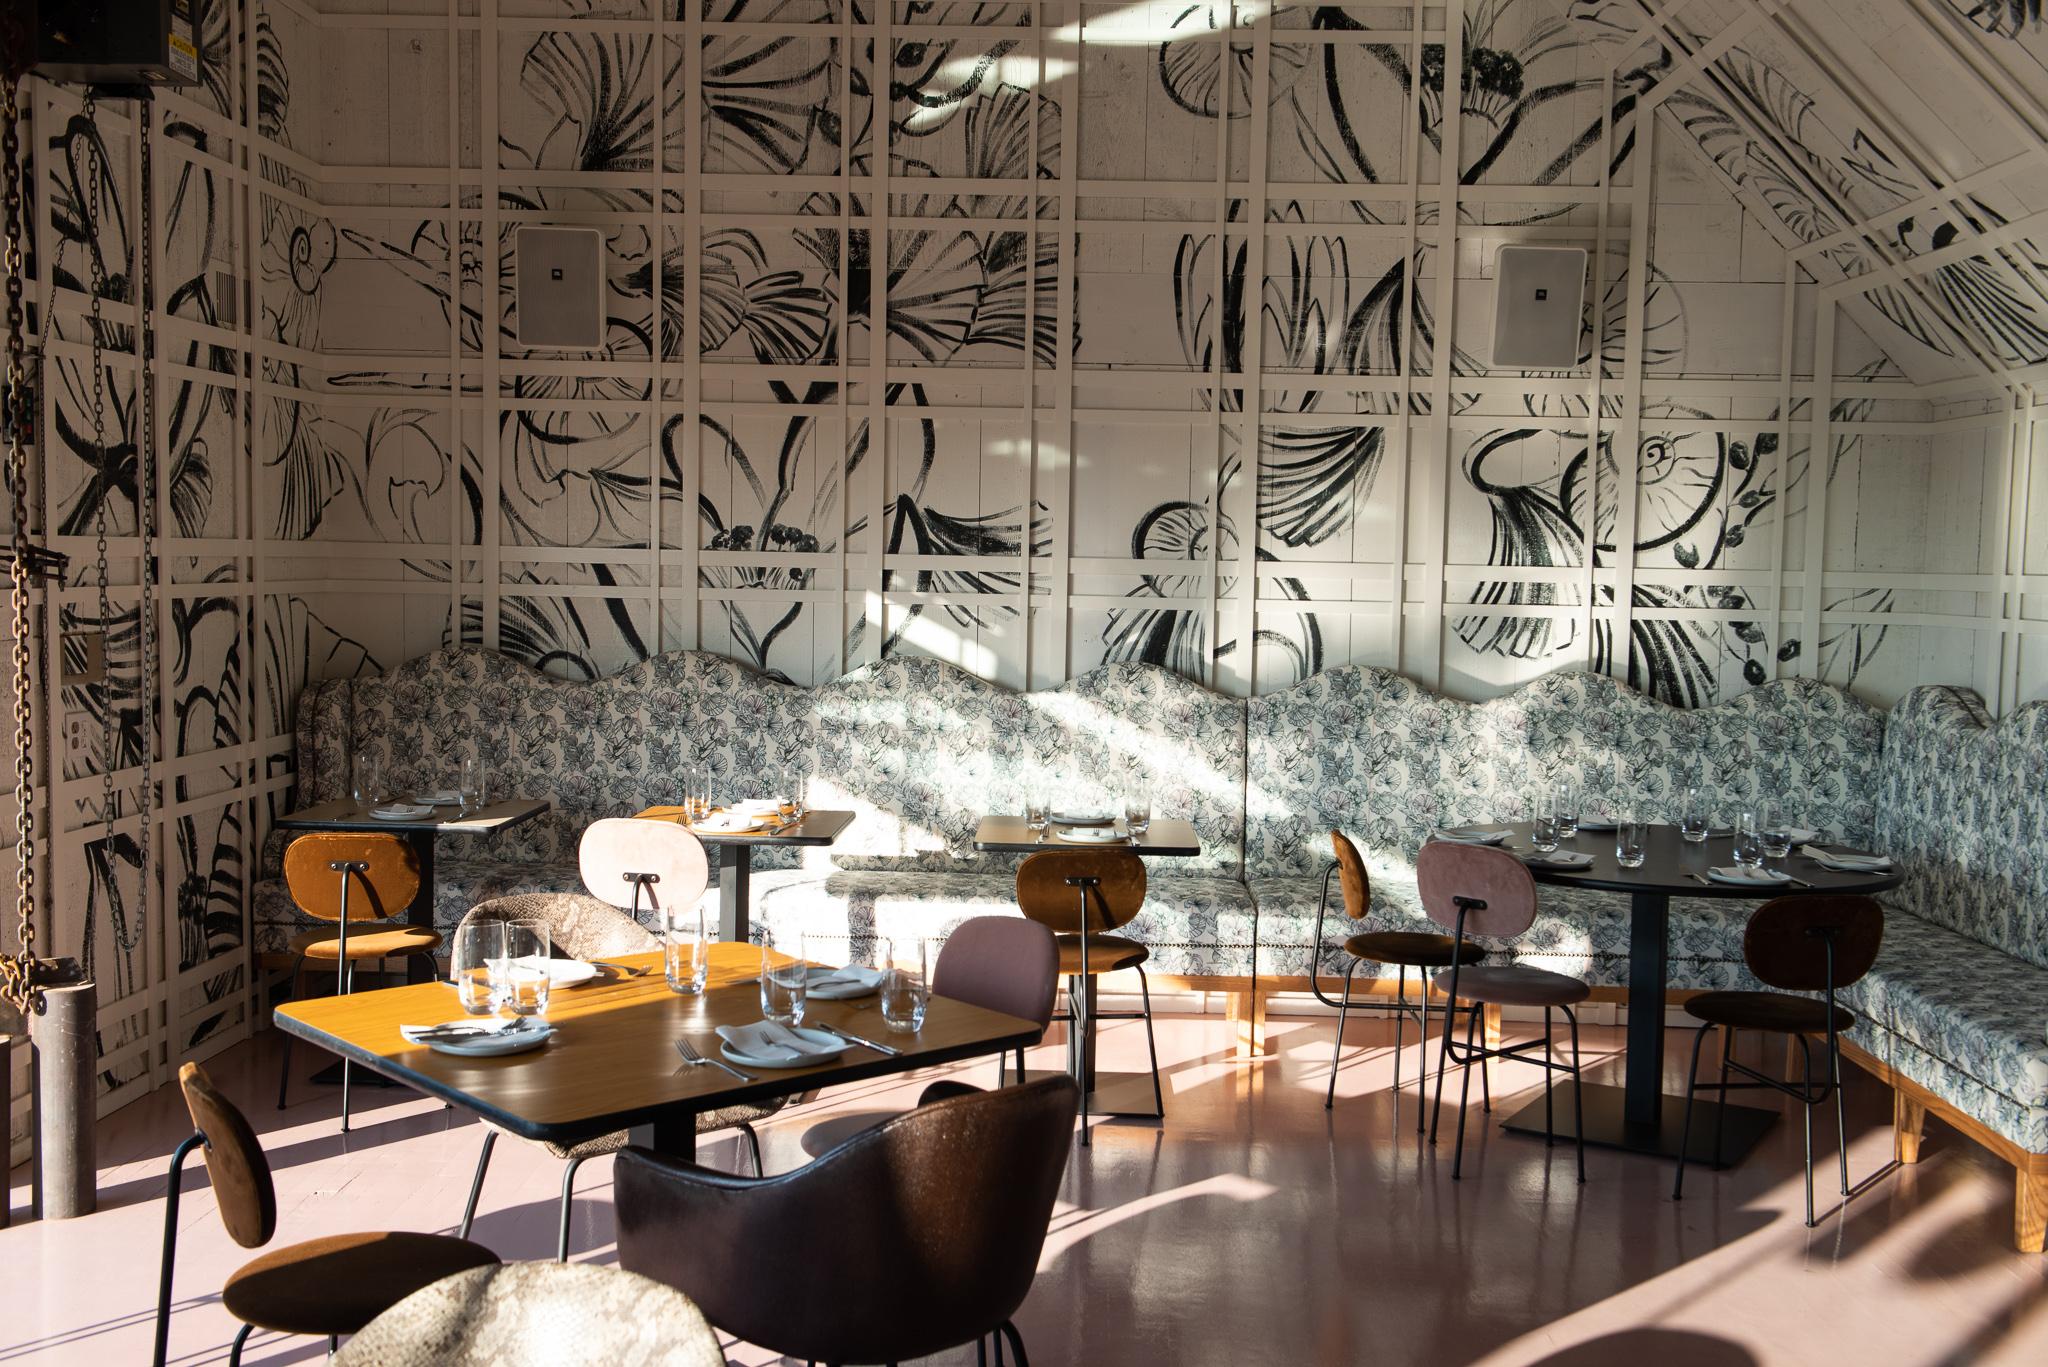 diningroom_daytime_02.jpg